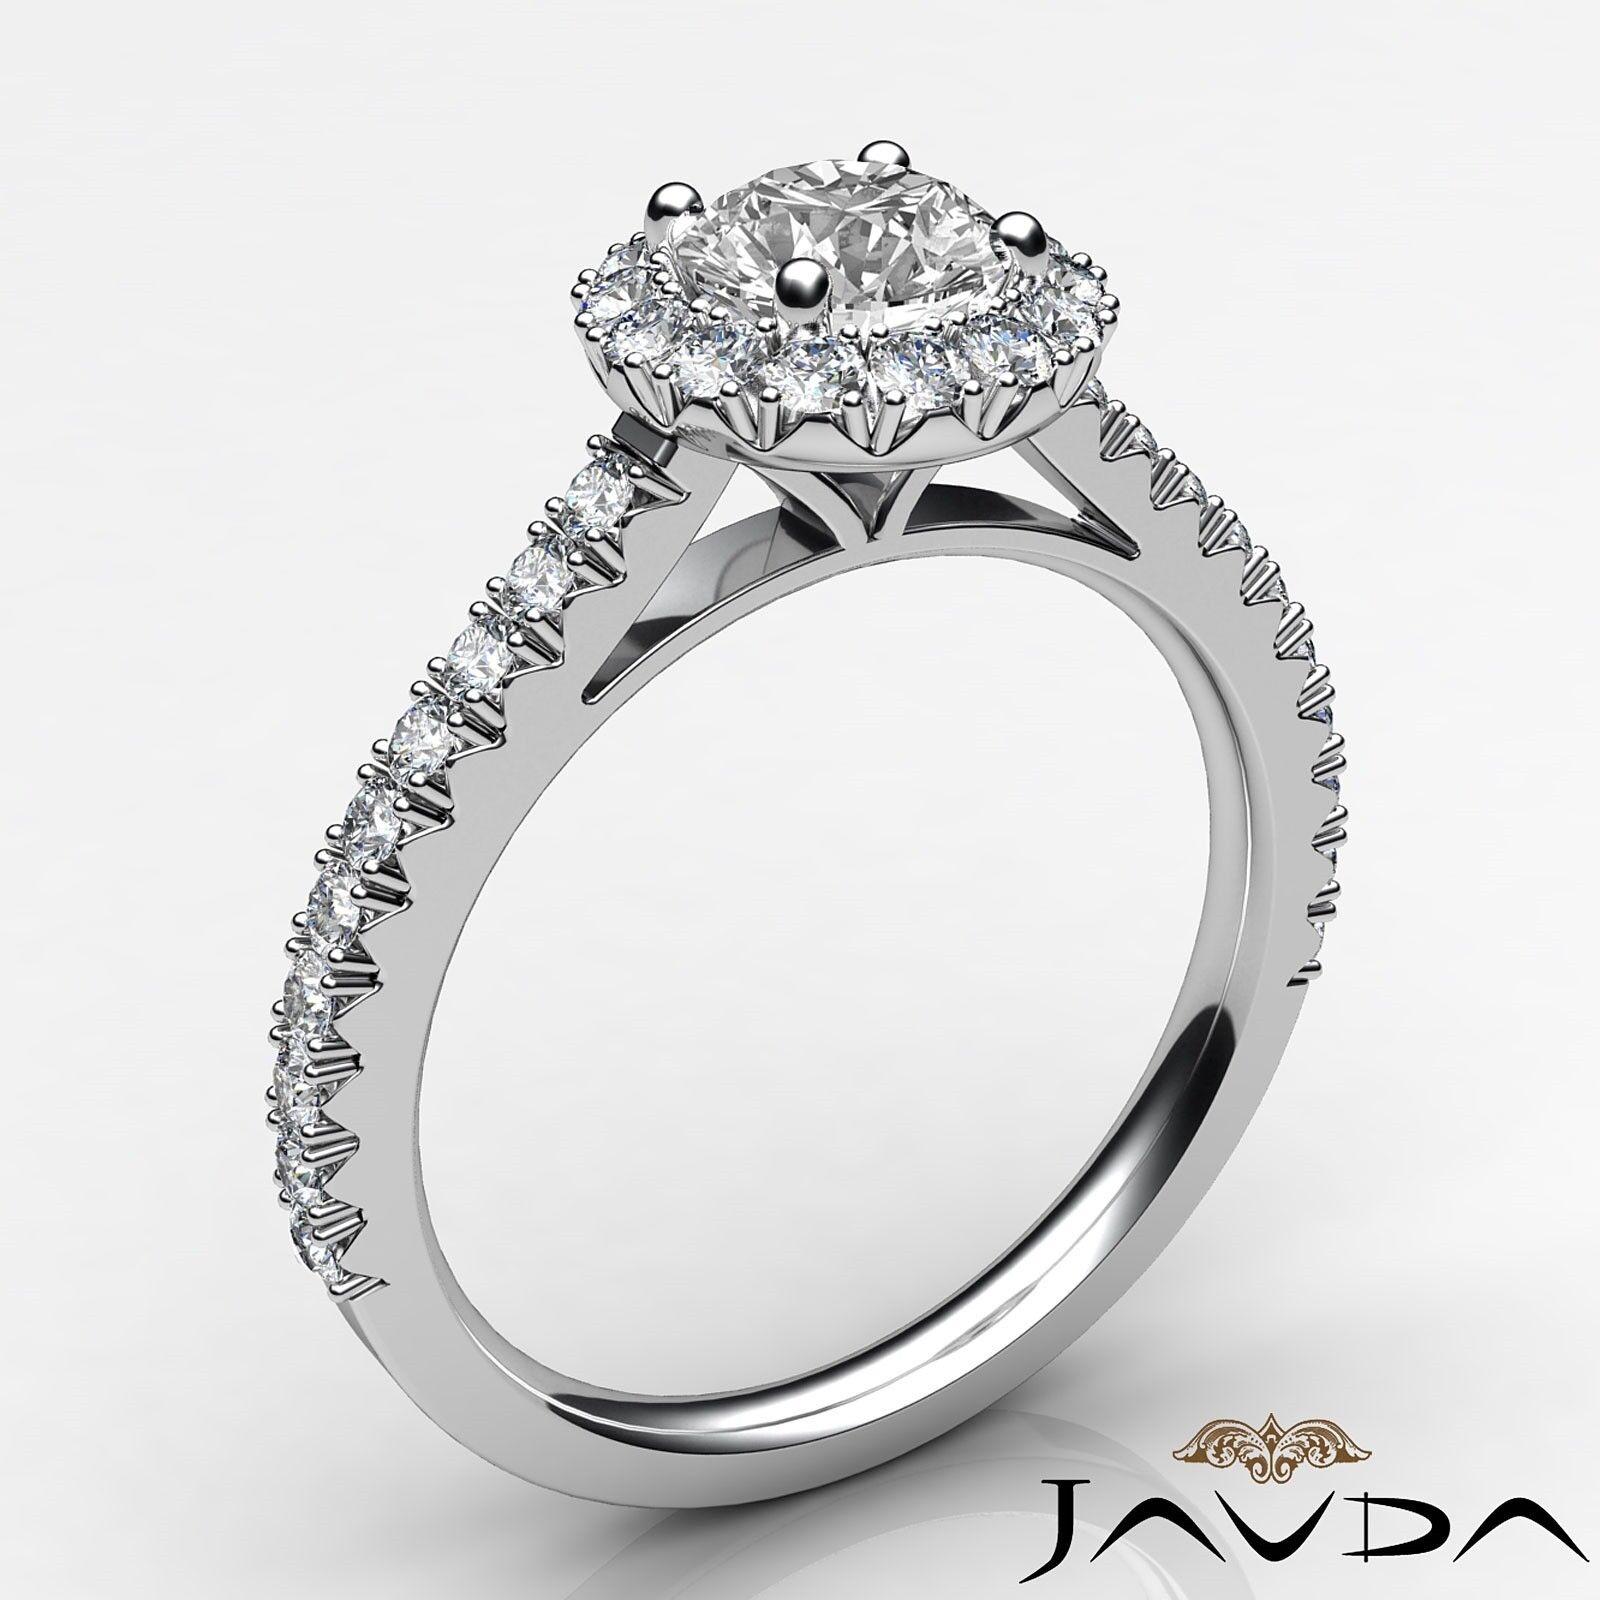 1.5ctw Double Prong Round Diamond Engagement Ring GIA E-VS2 White Gold Women New 1